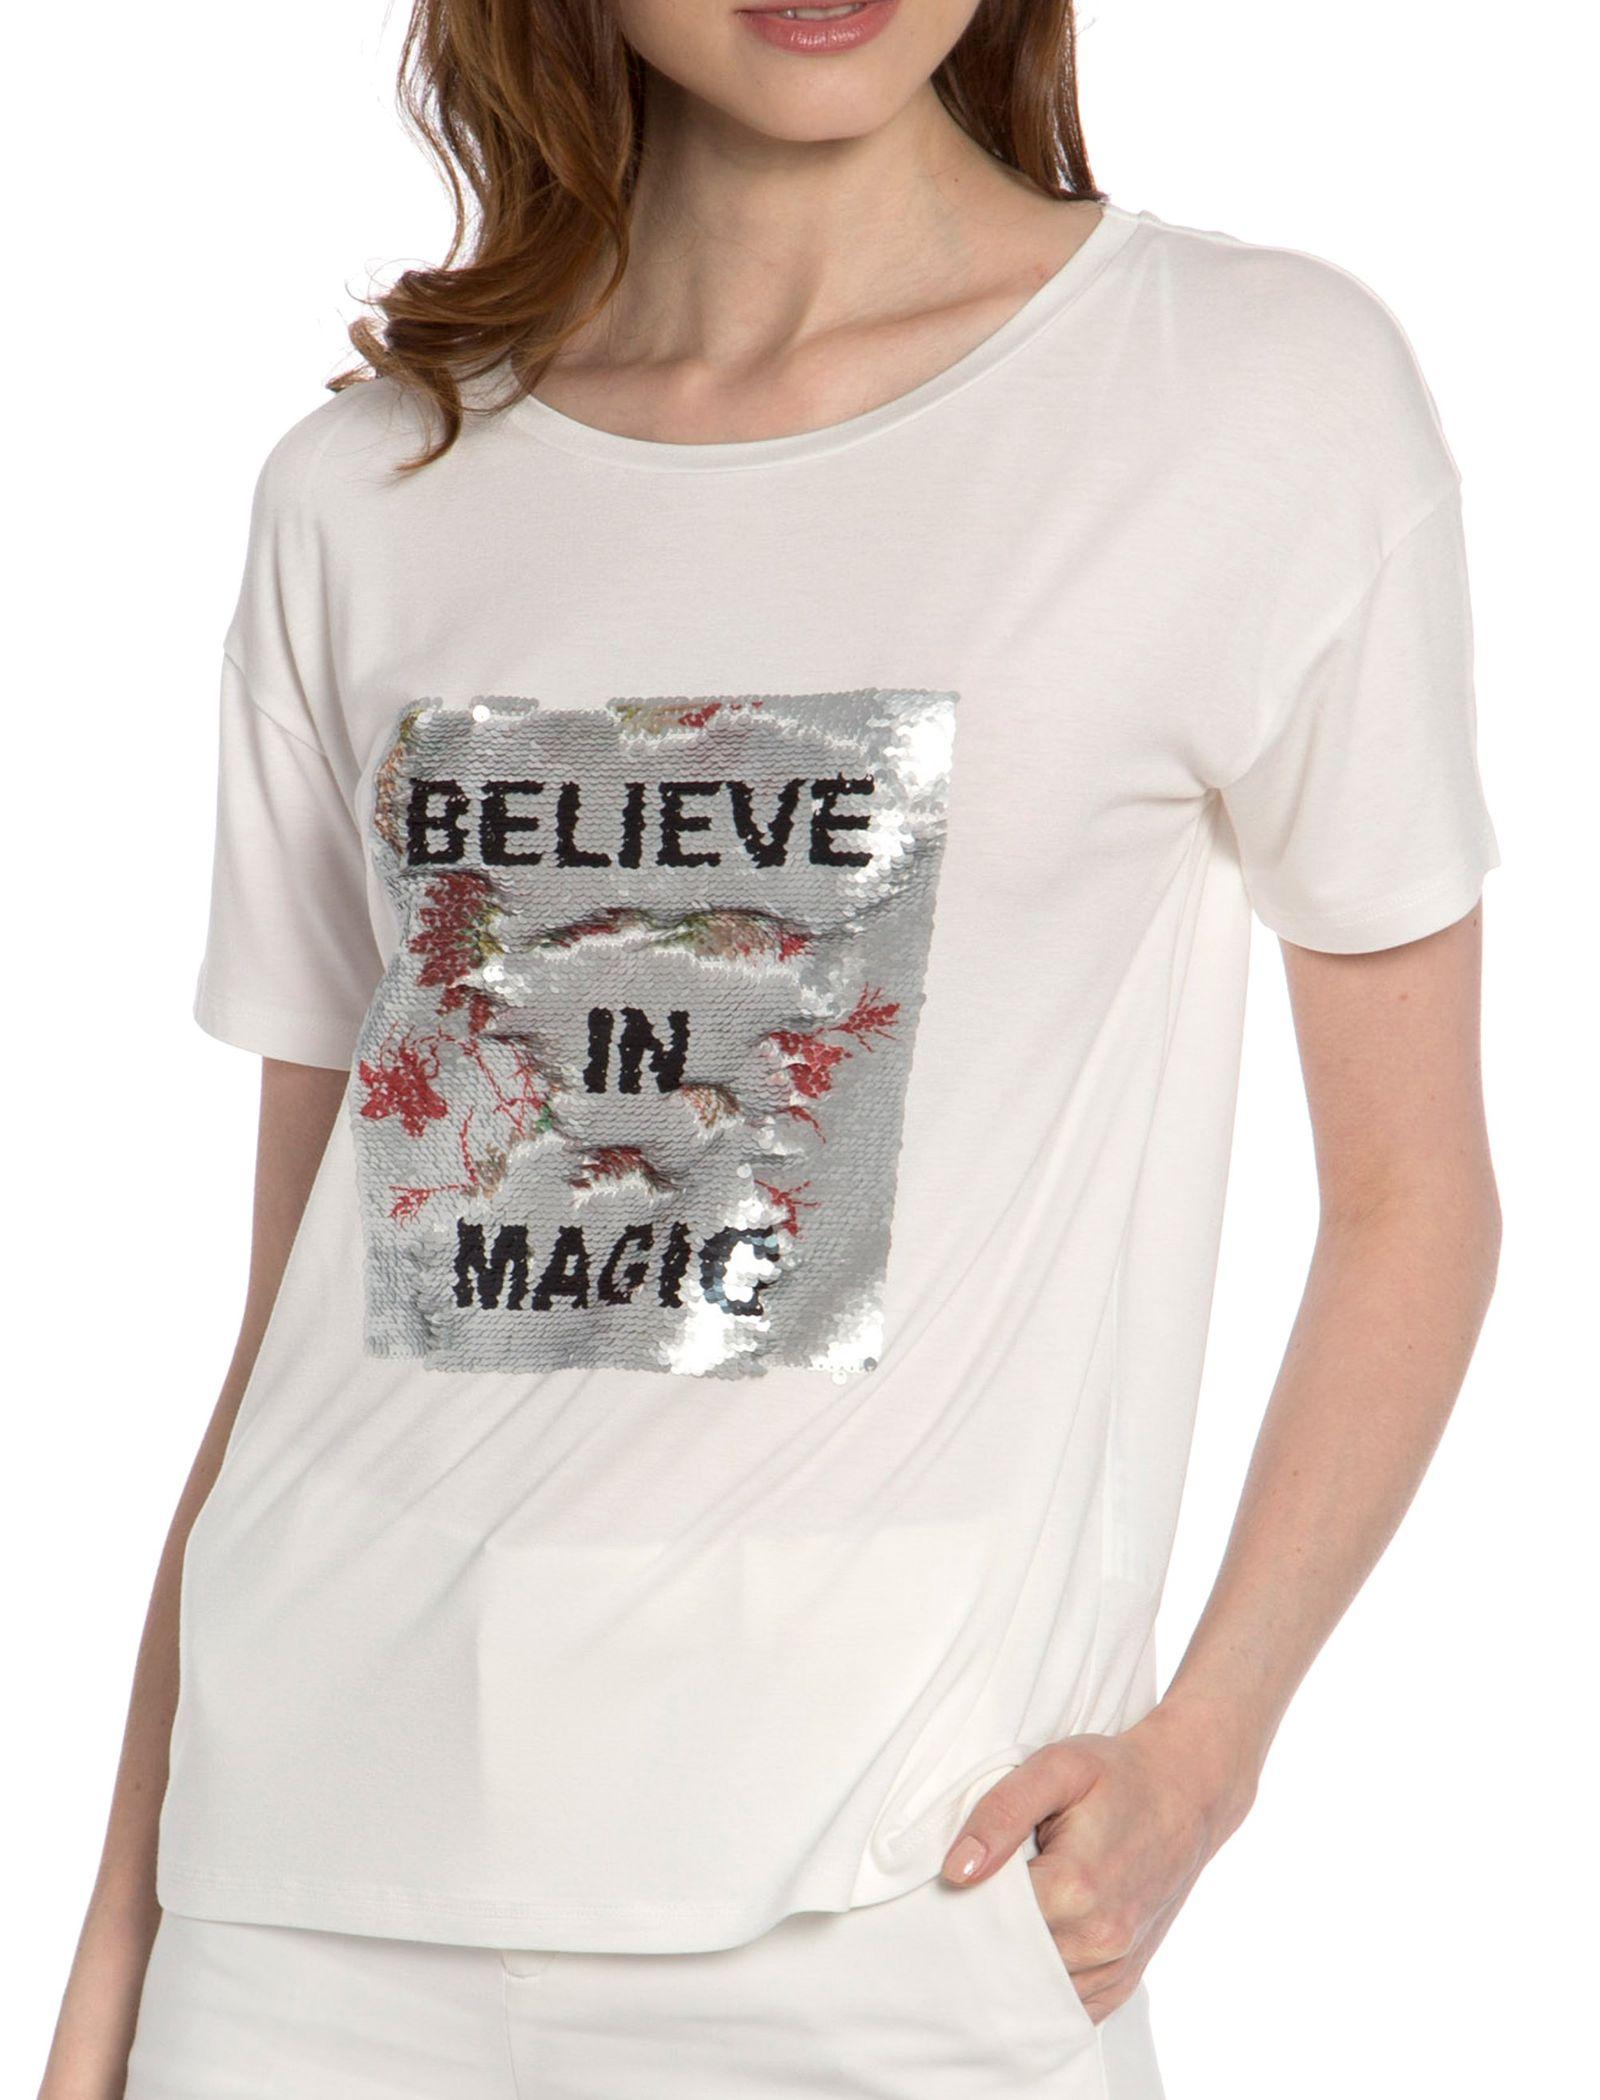 تی شرت ویسکوز یقه گرد زنانه - ال سی وایکیکی - سفيد - 1